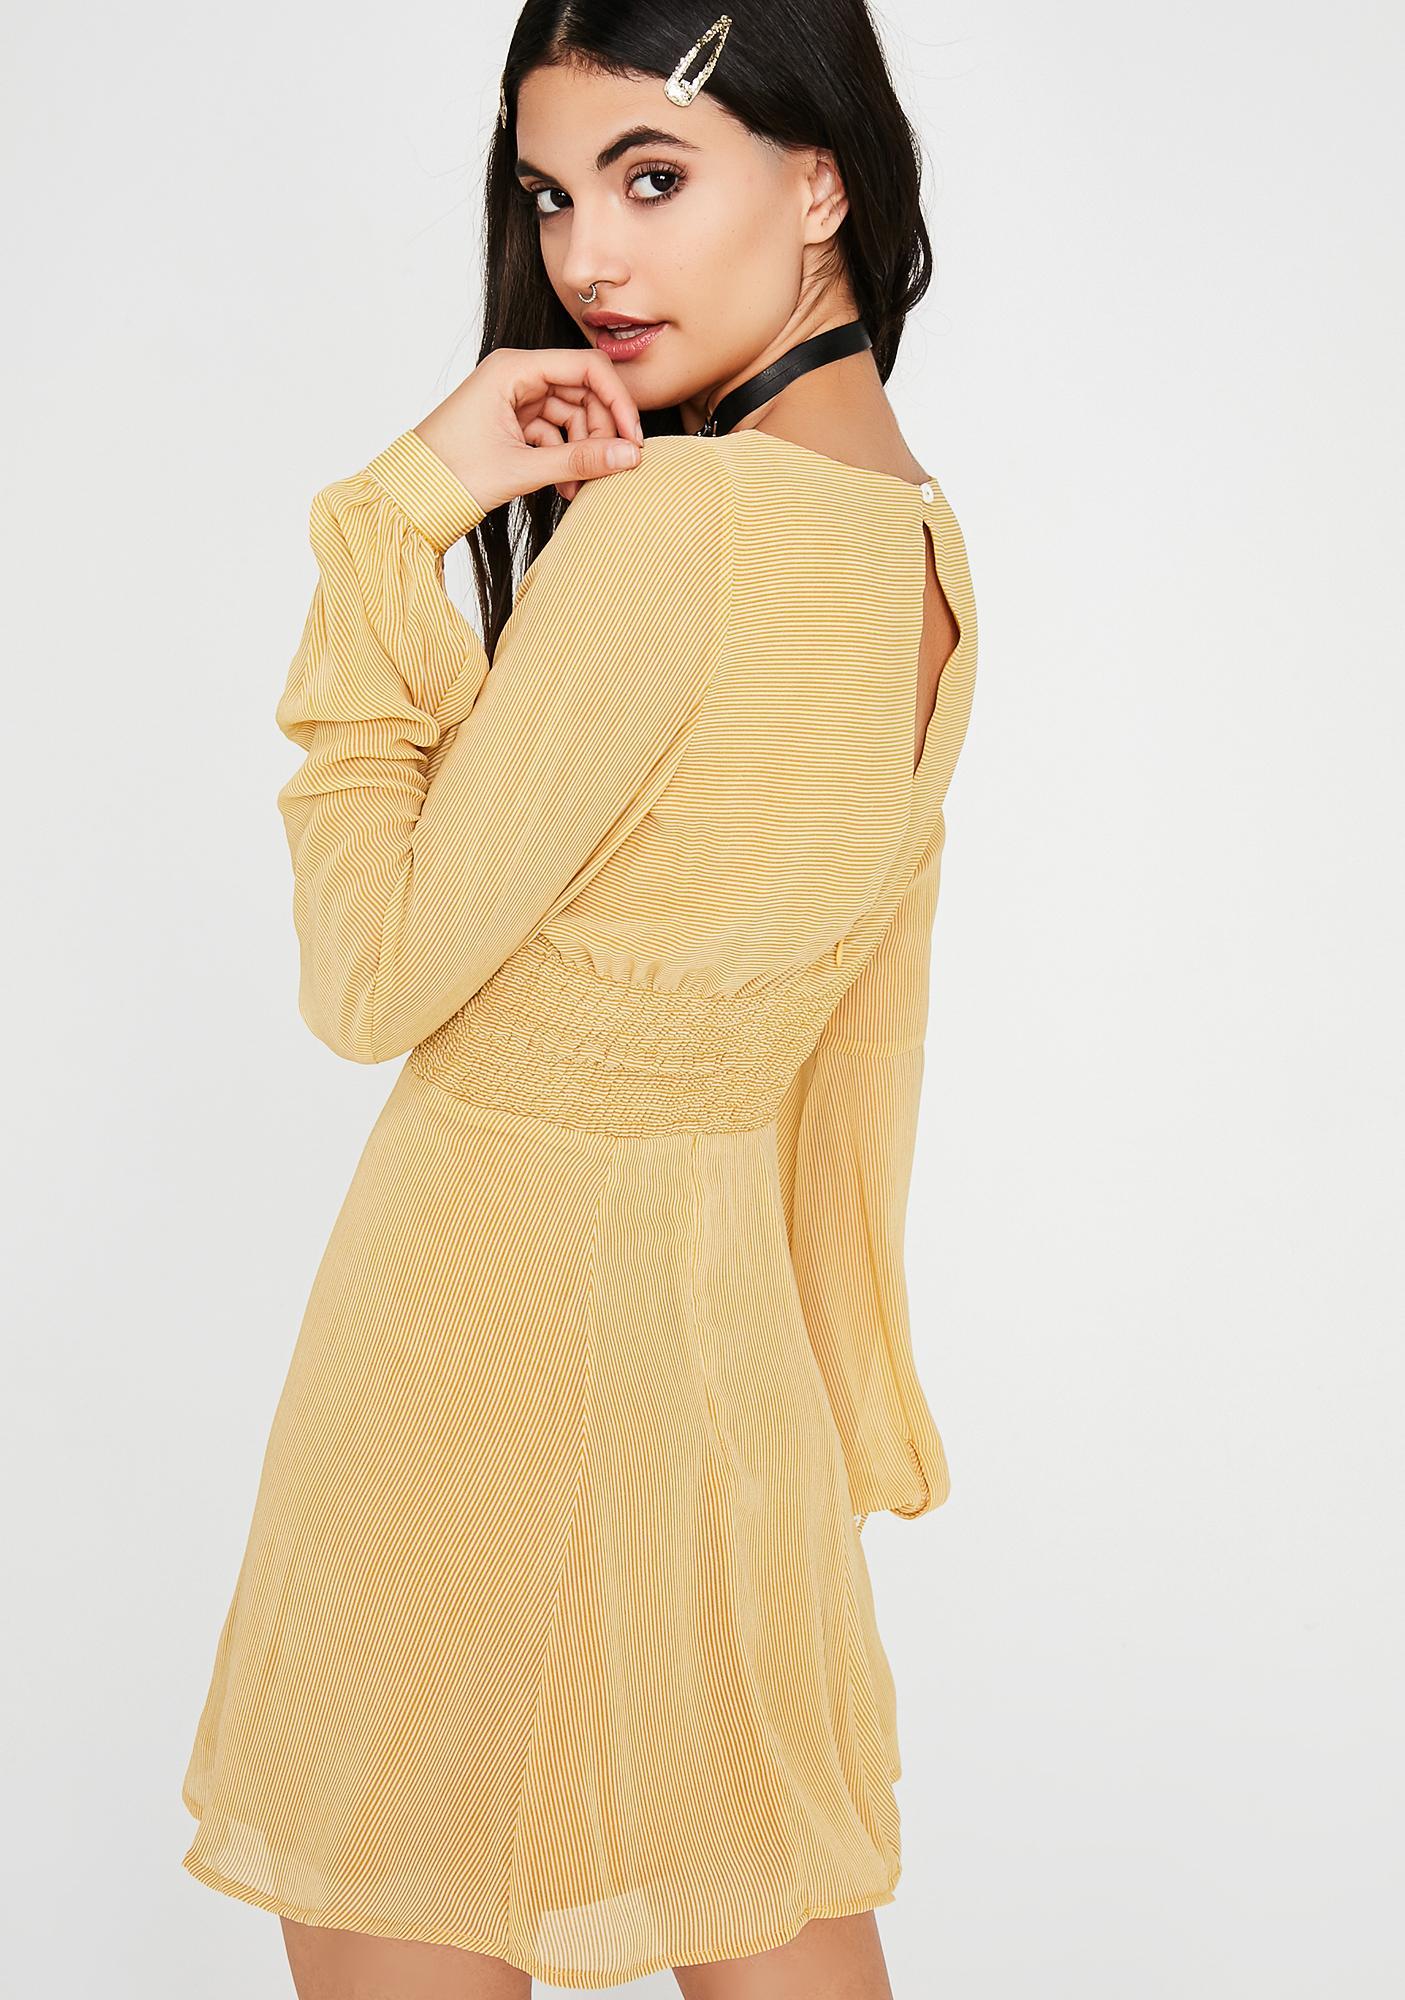 Always Sunny Striped Dress